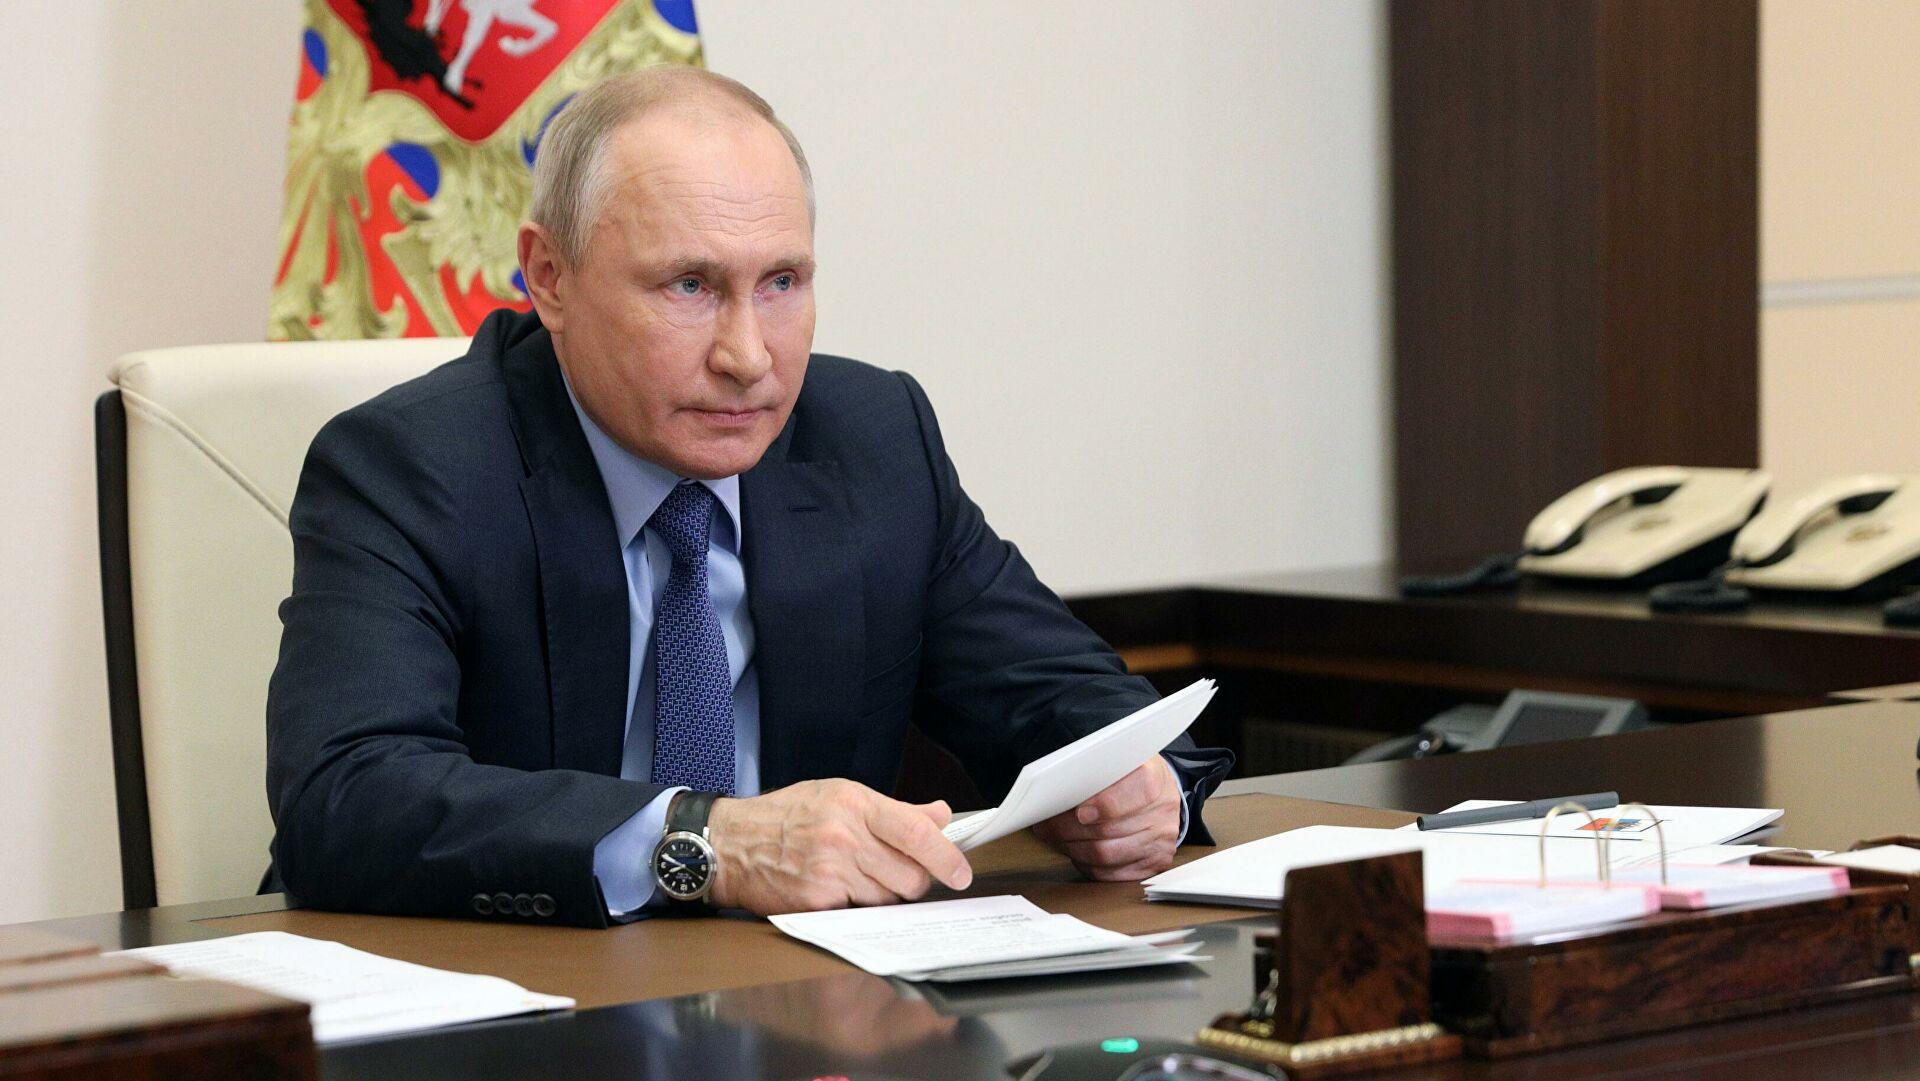 Путин предложил членам Совбеза обсудить стратегию нацбезопасности